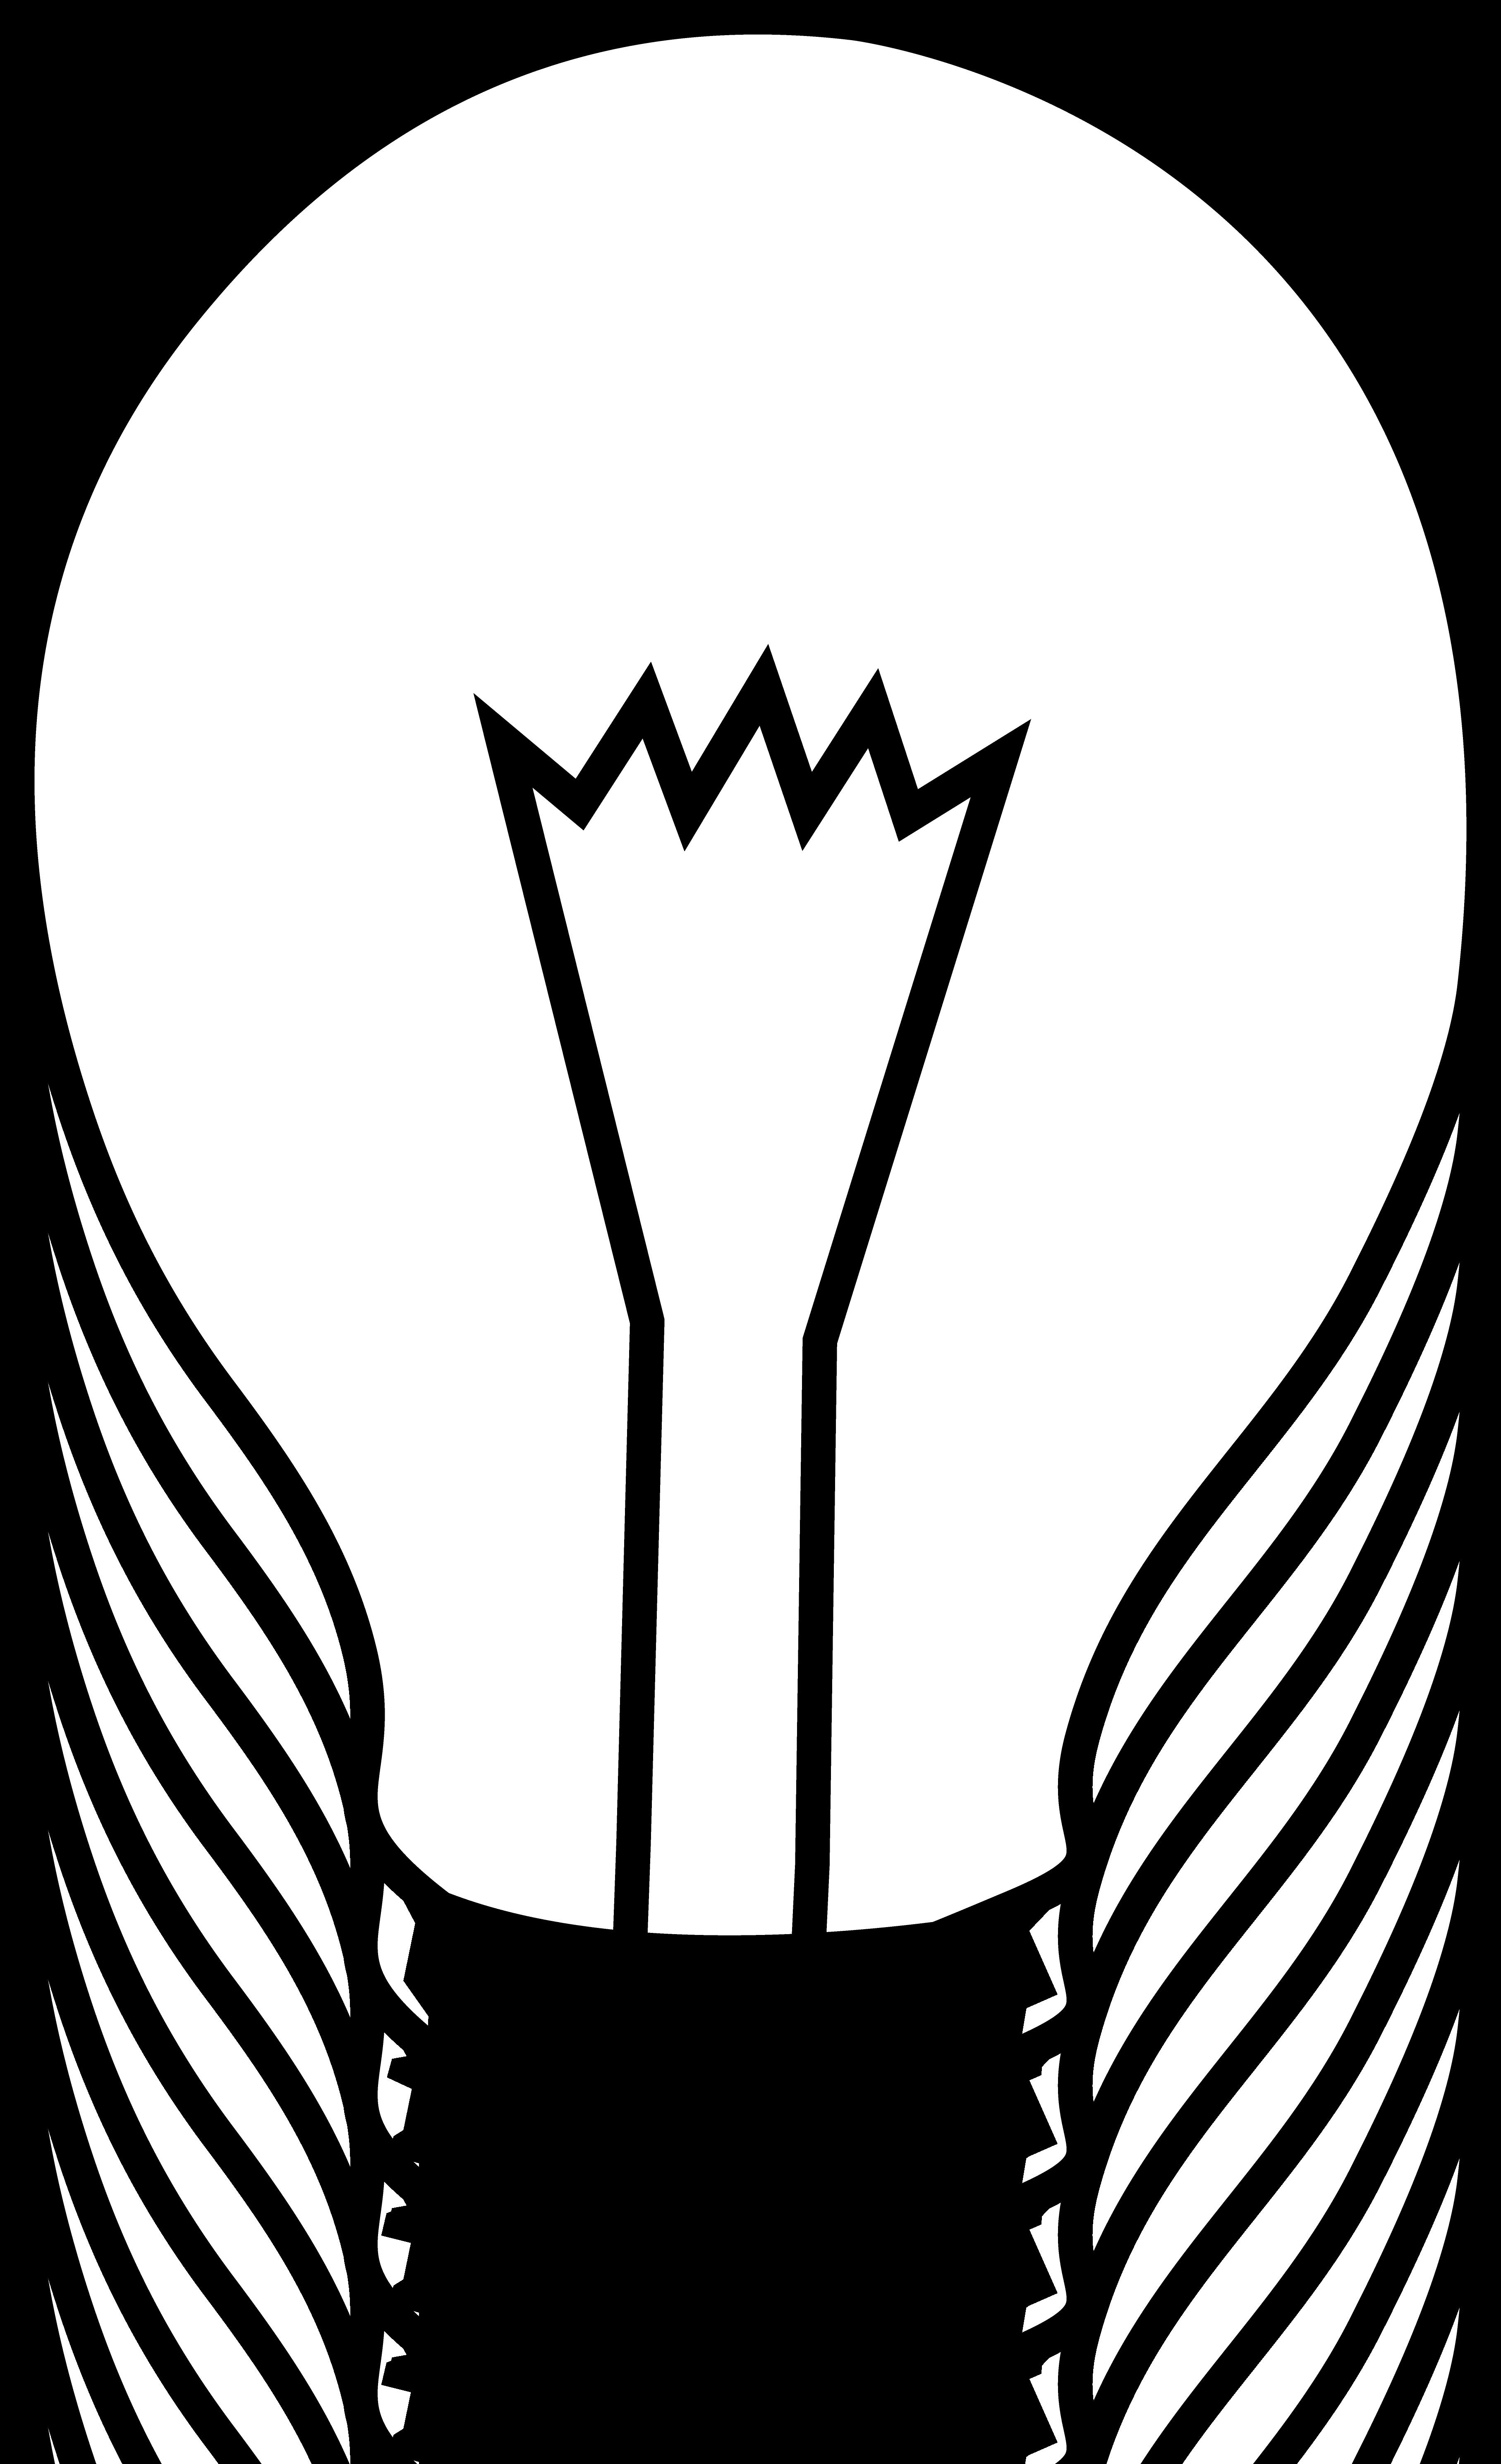 3629x5957 Best Light Bulb Clipart Images